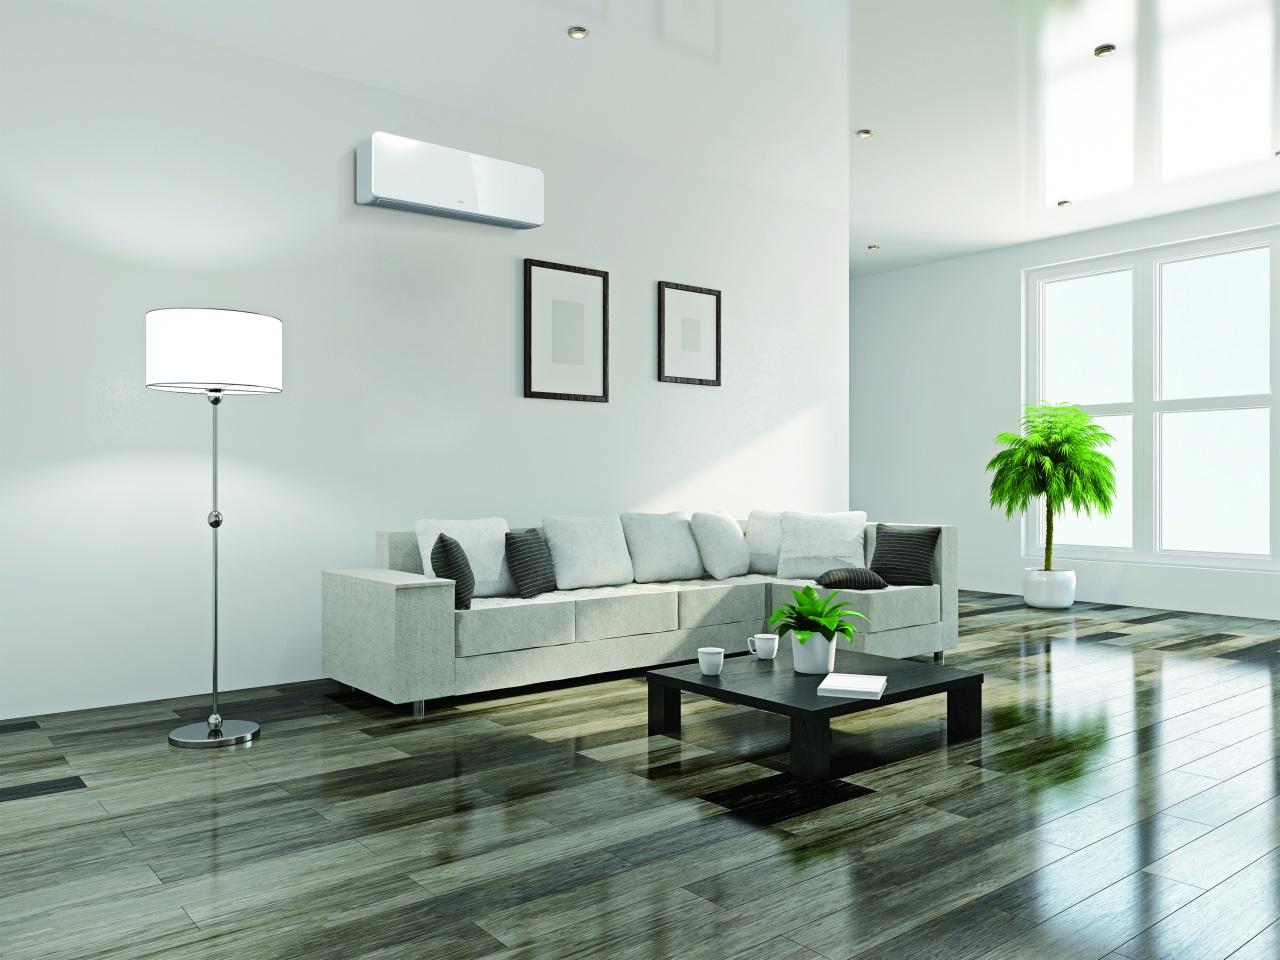 Serie KM: design esclusivo per la nuova serie residenziale R32 di Fujitsu Climatizzatori